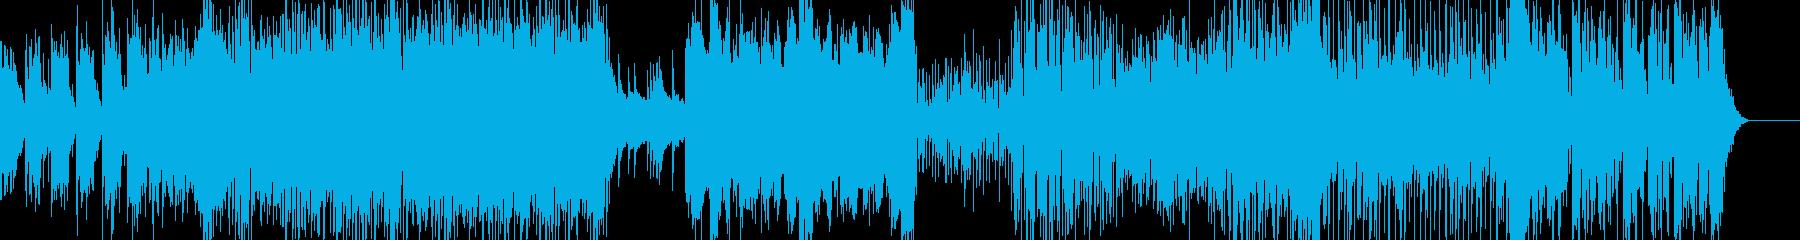 明るいポップなエレクトリカルなインスト曲の再生済みの波形